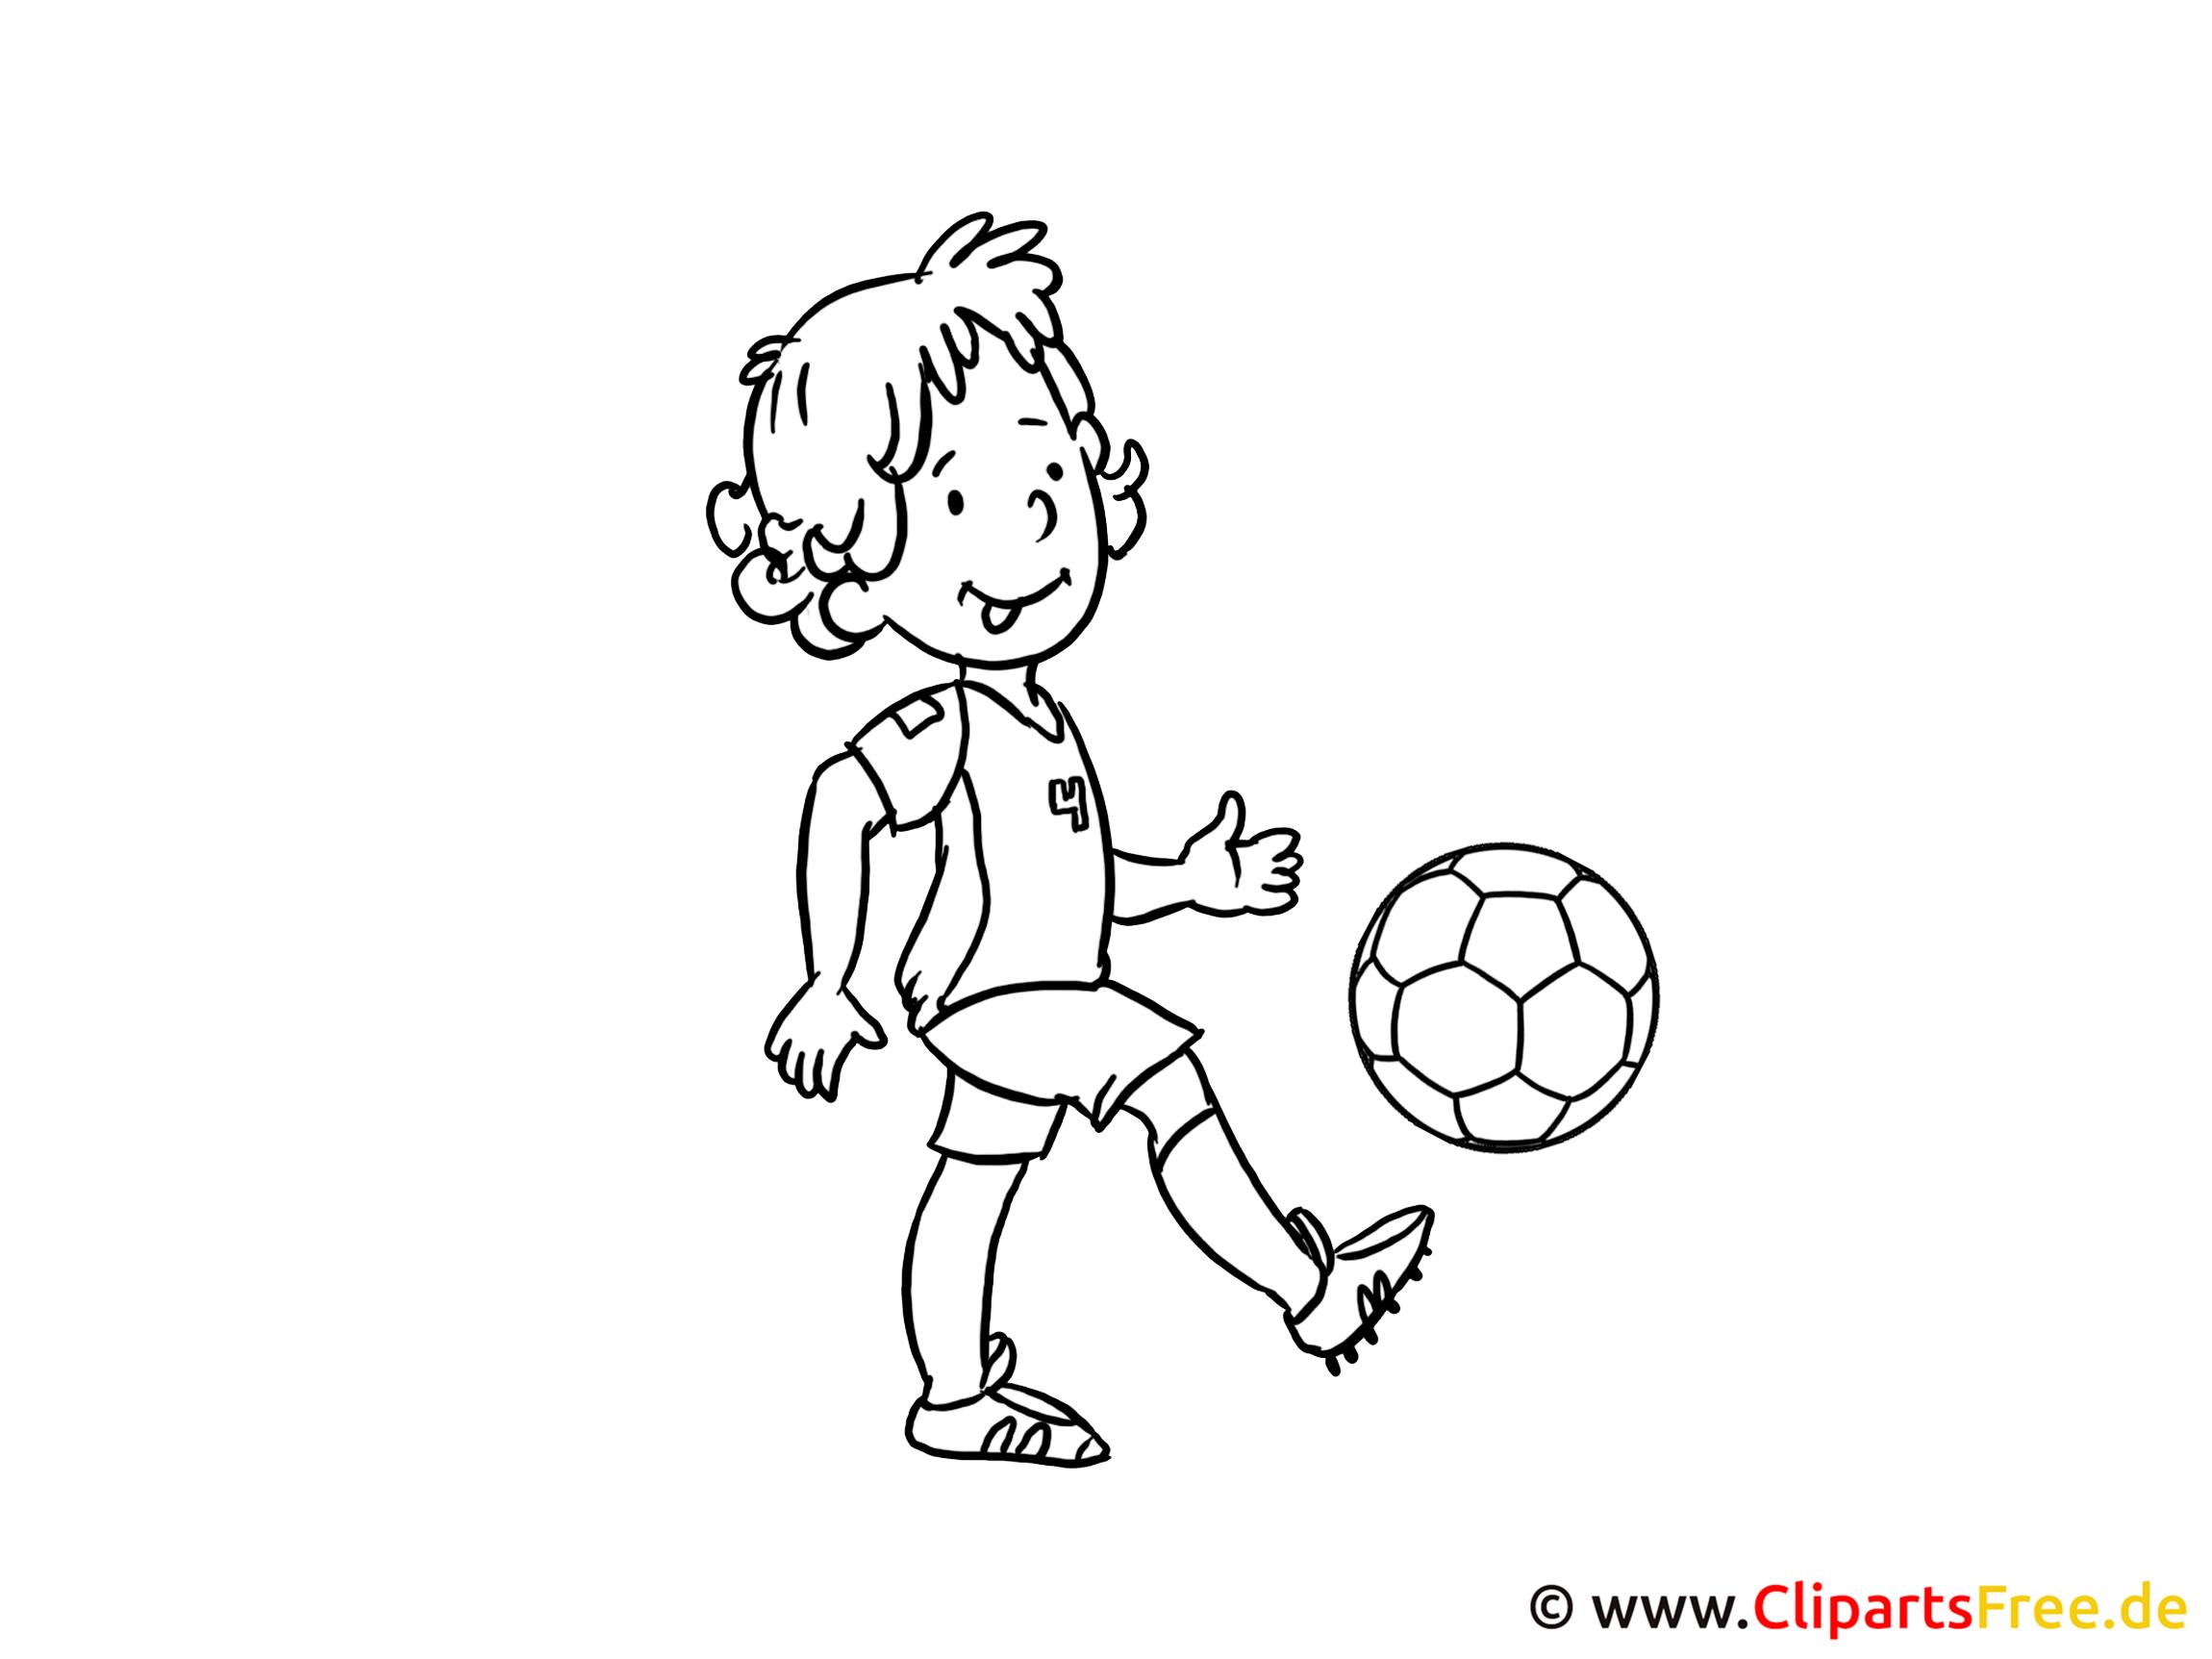 Kinderbild zum Ausmalen und Ausdrucken gratis für KiGa und ...